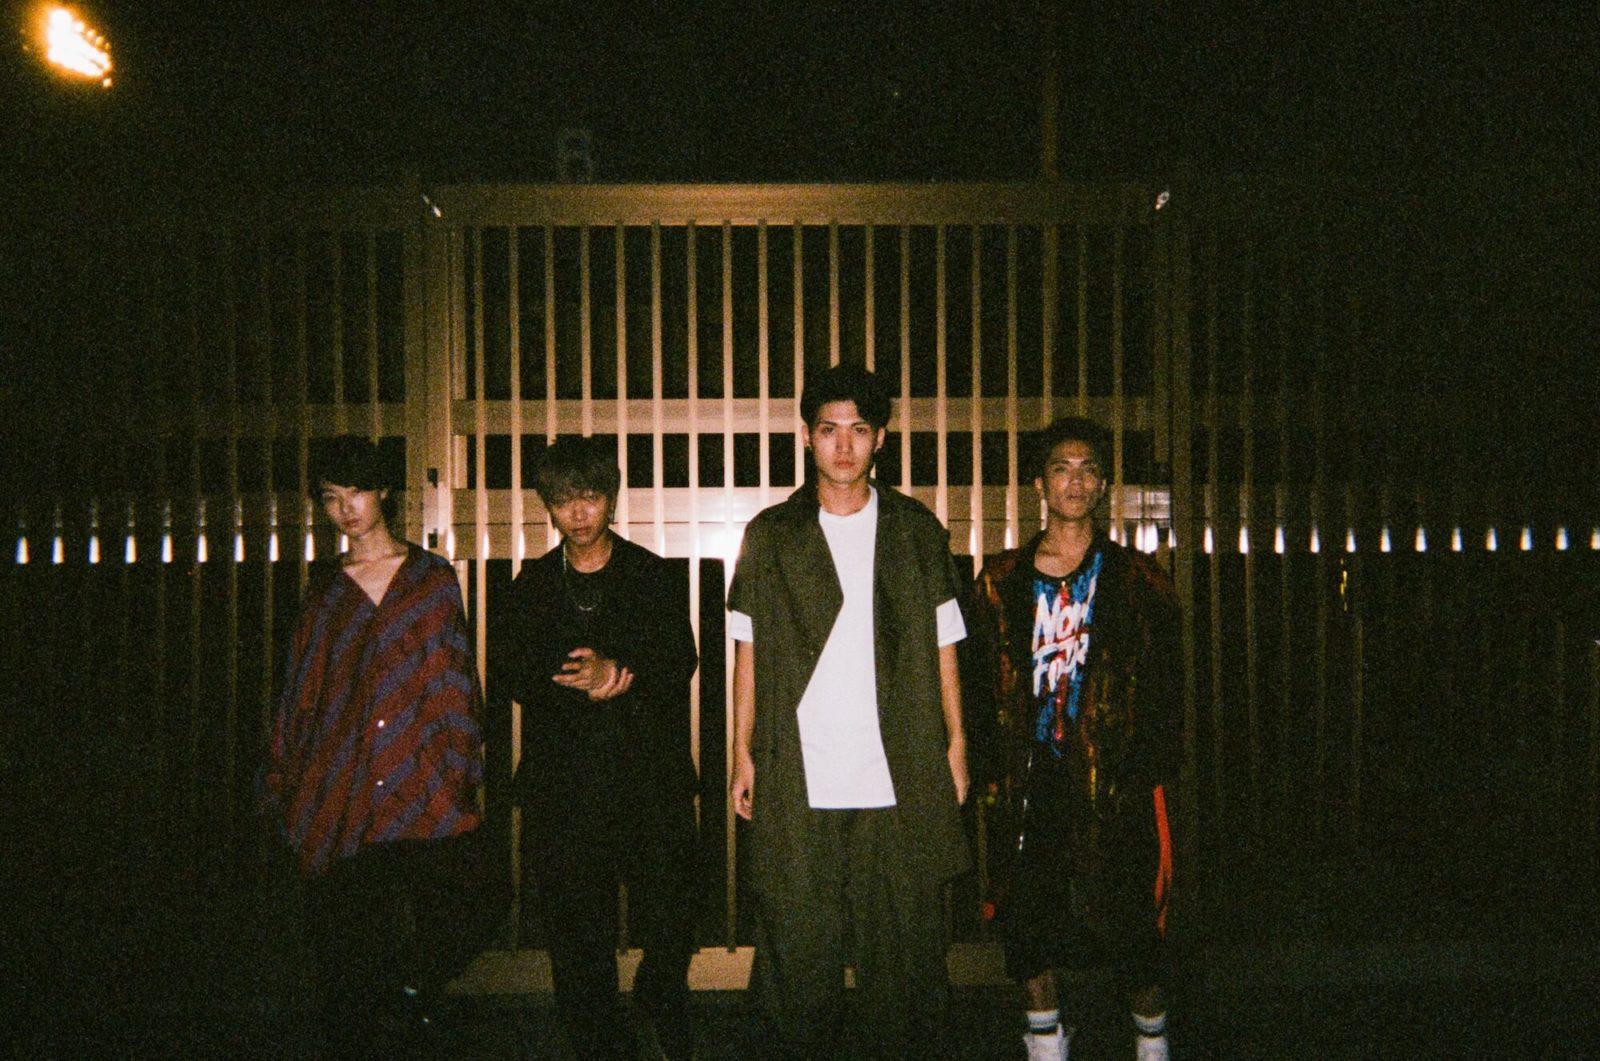 ミレ二アル世代大注目のバンドACE COLLECTION 2nd デジタルSgリリース!初ライブにして初ワンマンも開催サムネイル画像